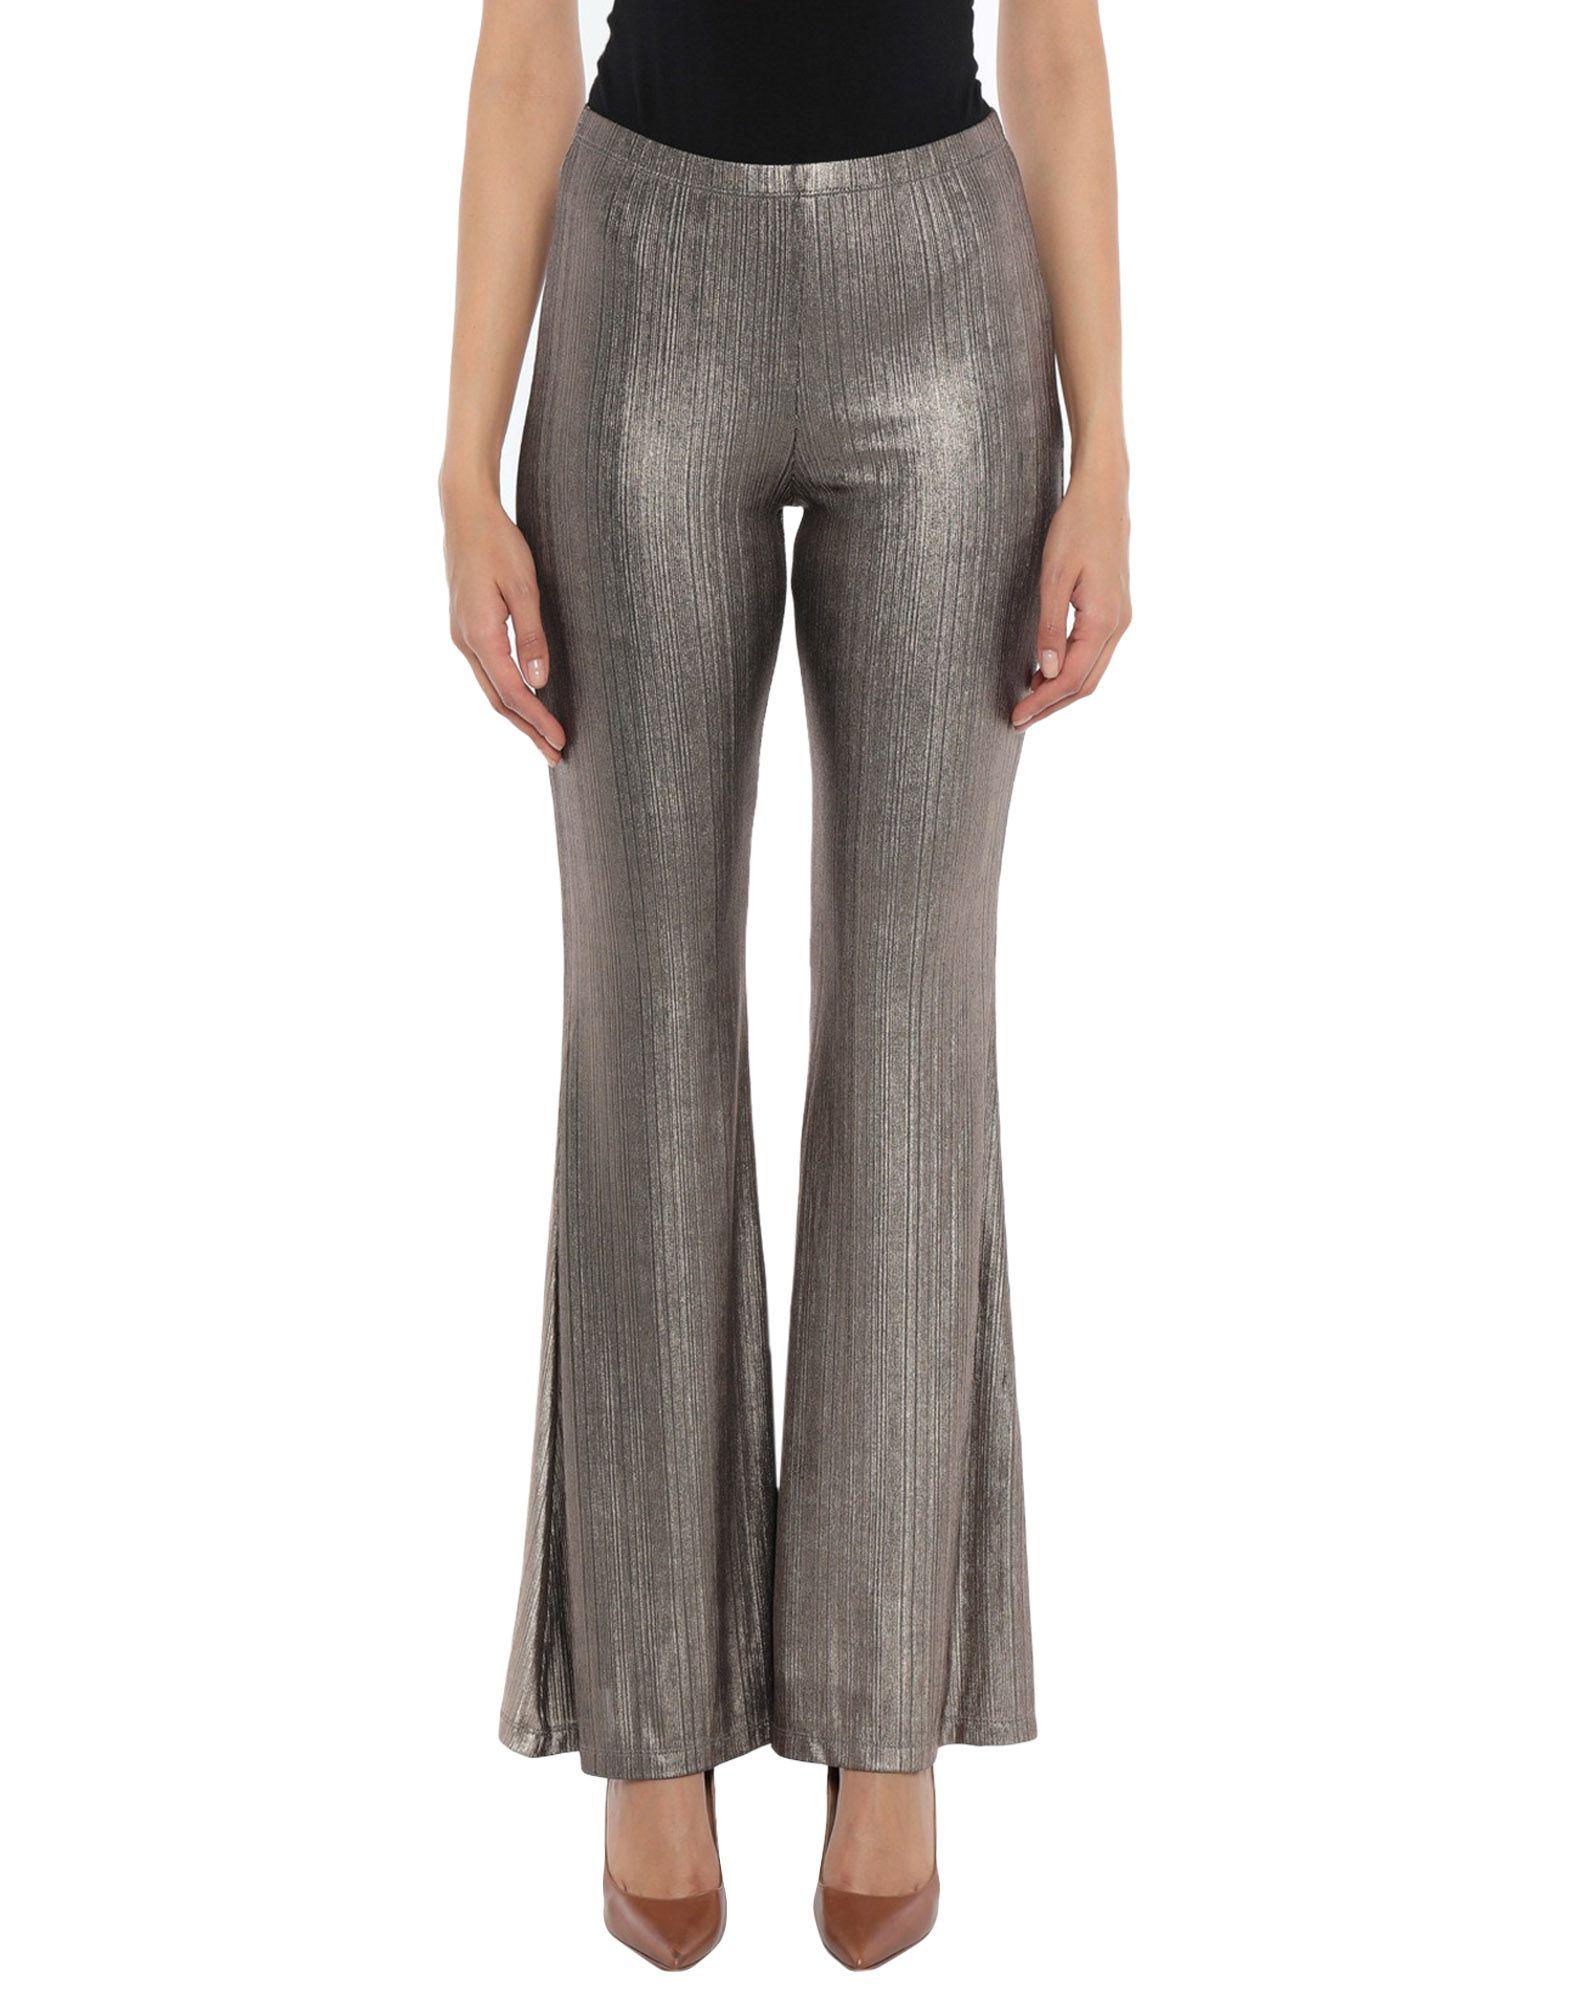 Pantalone schwarz Coral damen - 13320570XK